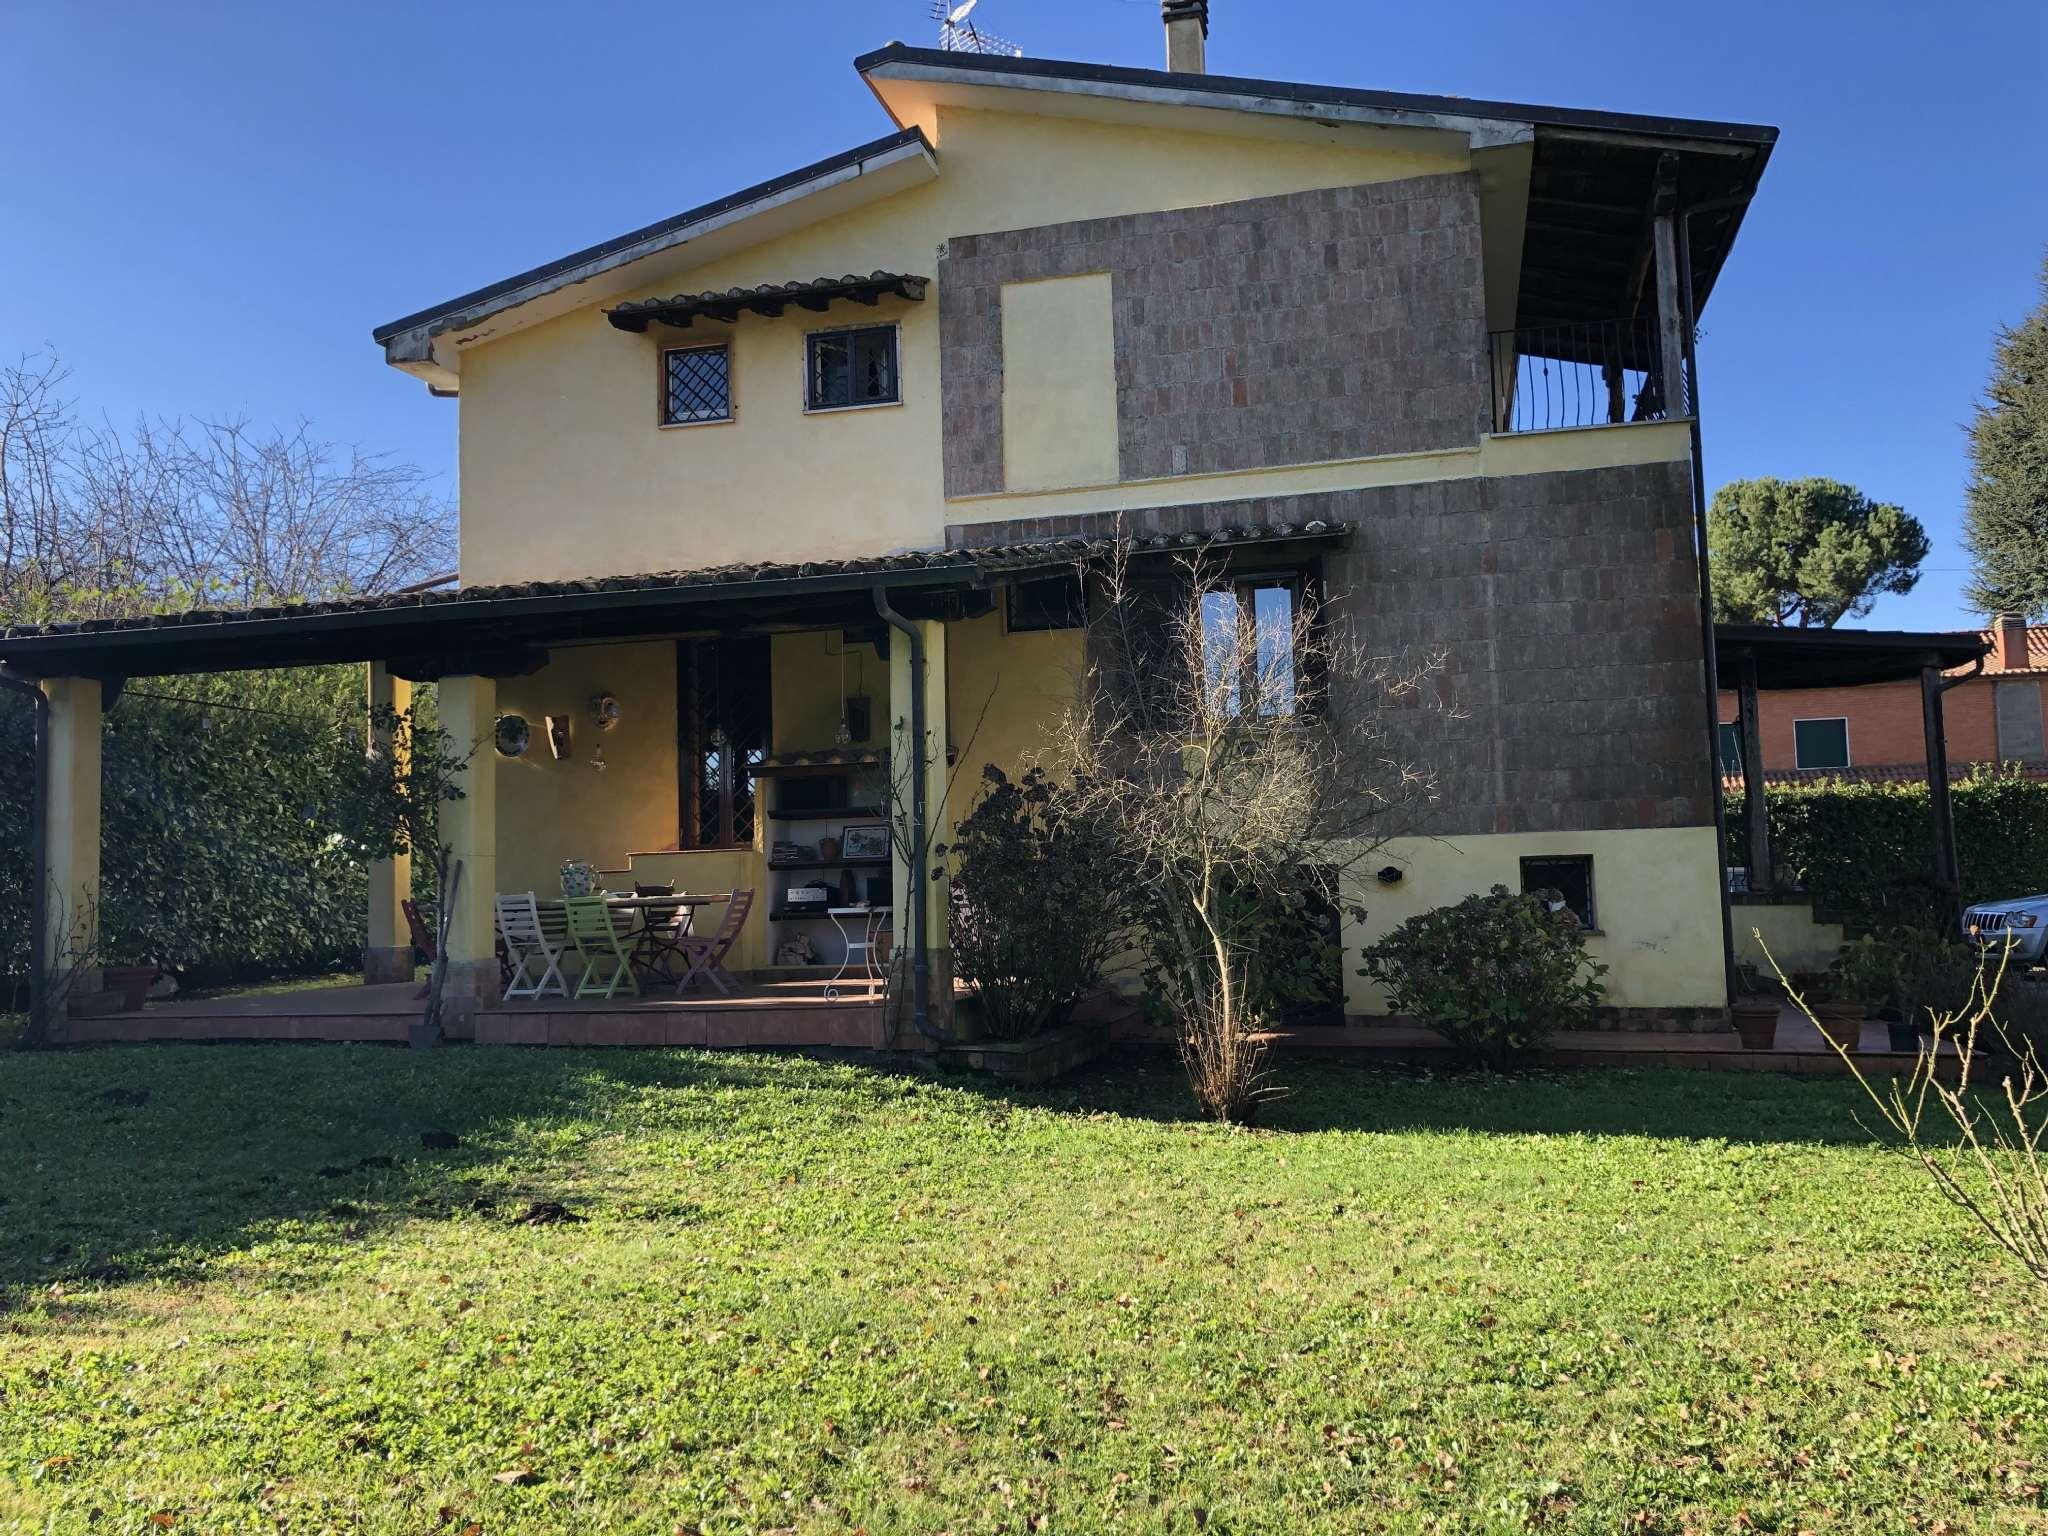 Villa in vendita a Rocca Priora, 10 locali, prezzo € 425.000   CambioCasa.it